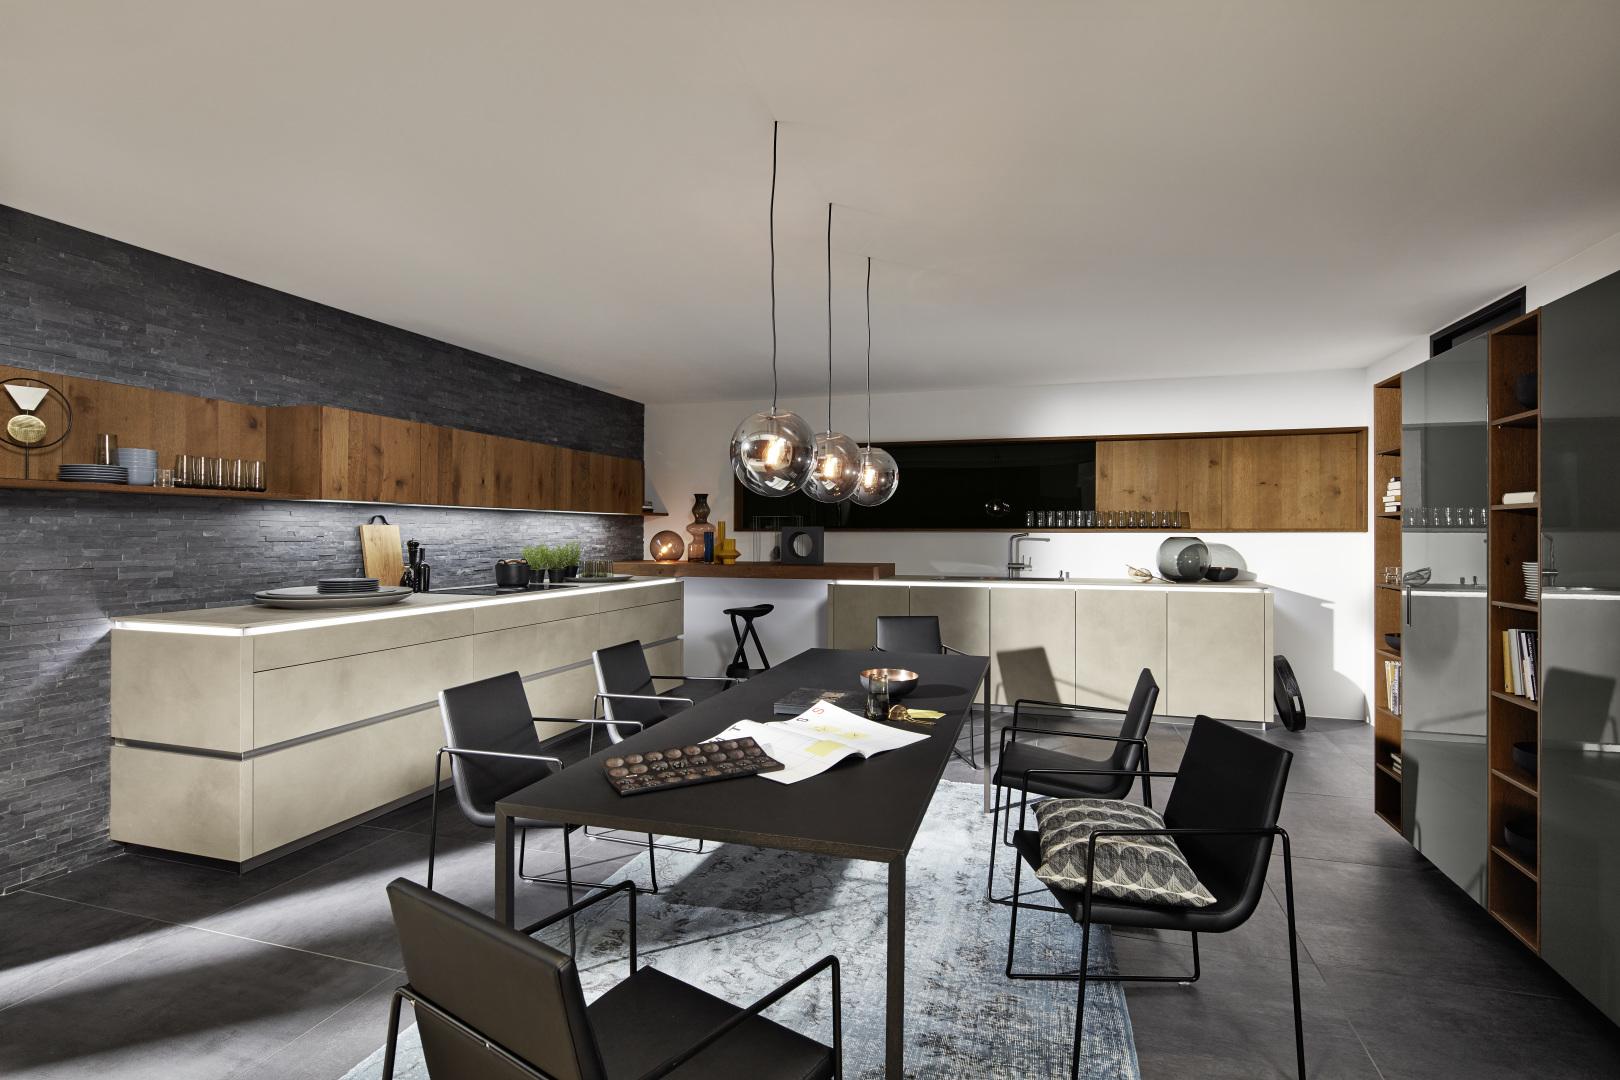 grande cuisine et pièce à manger moderne design contemporain avec bois épuré unique sur mesure